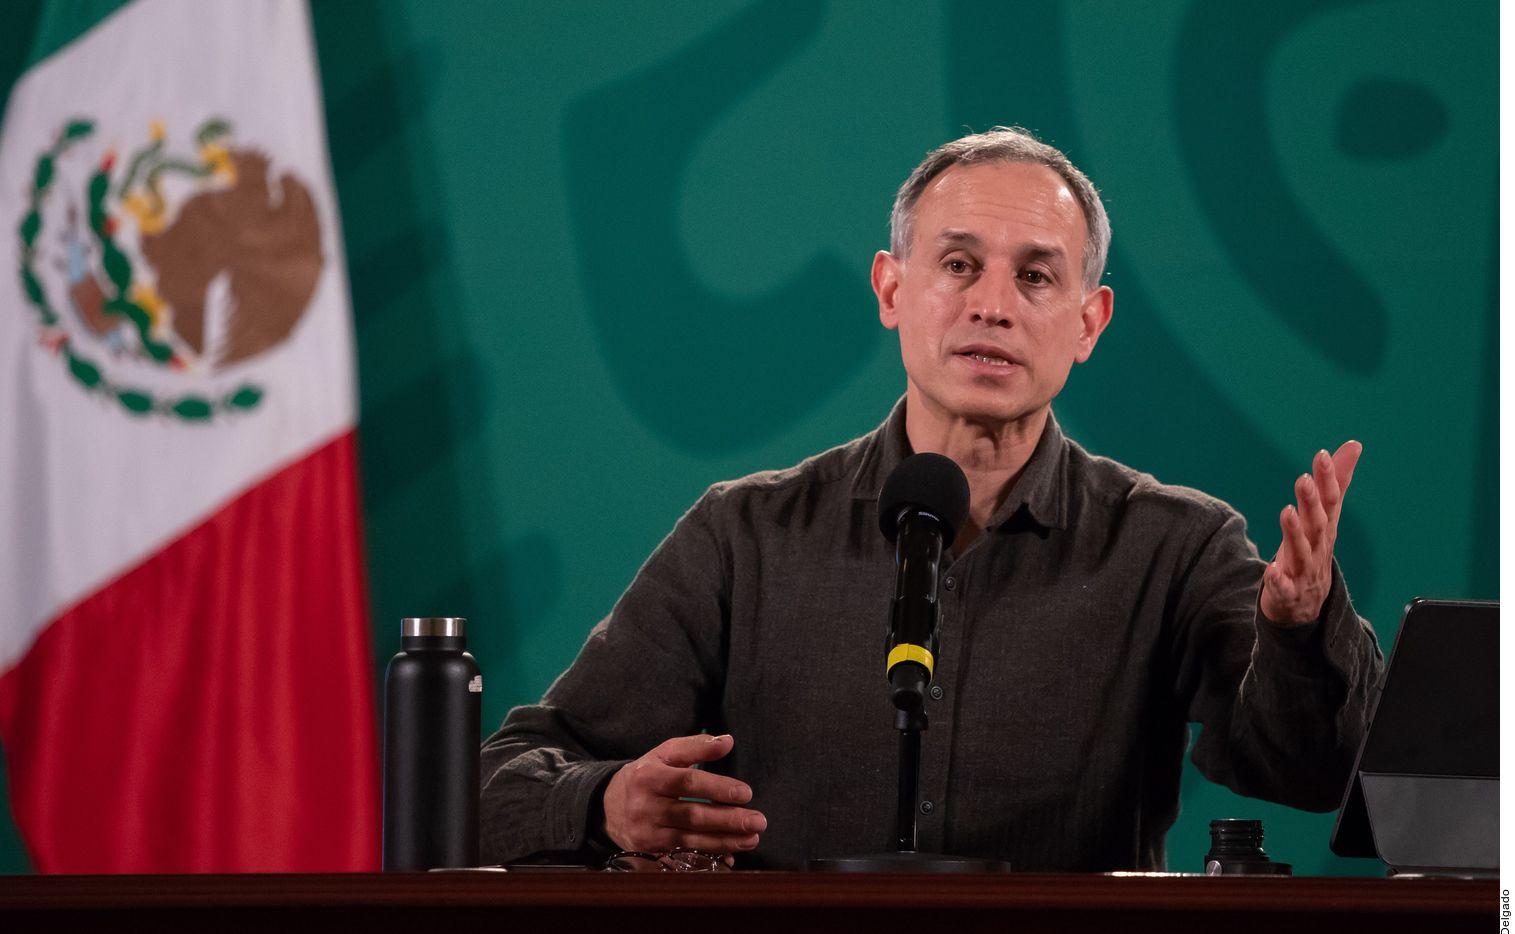 Luego de que registrara síntomas de covid-19 moderados, Hugo López-Gatell, subsecretario de Prevención y Promoción de la Salud de México, fue hospitalizado de manera preventiva, informó Ruy López Ridaura.